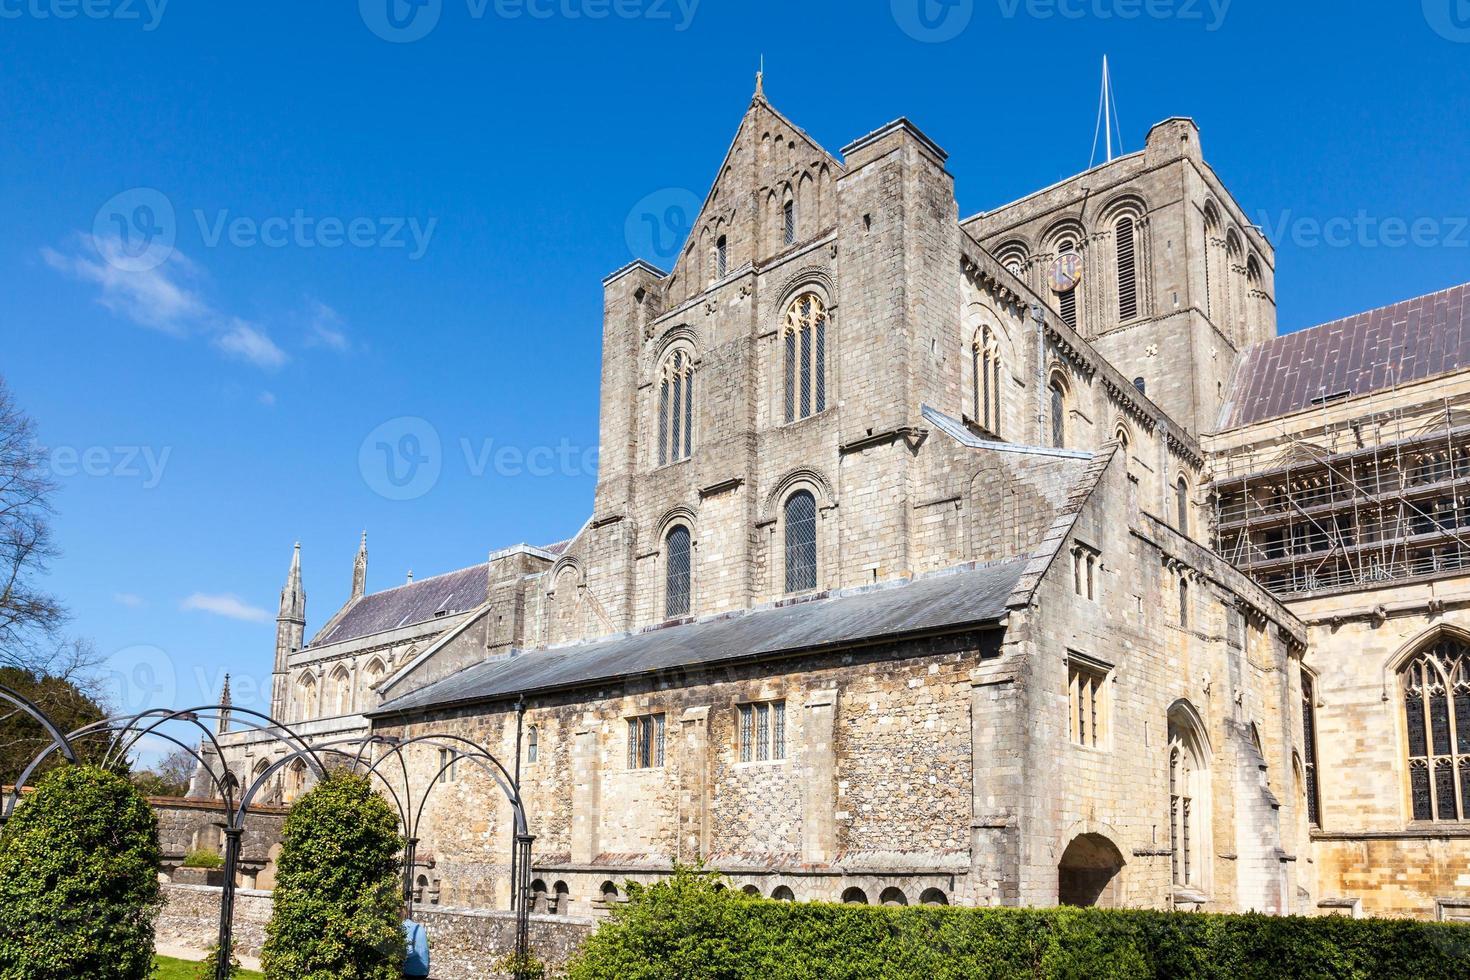 kathedraal van Winchester foto